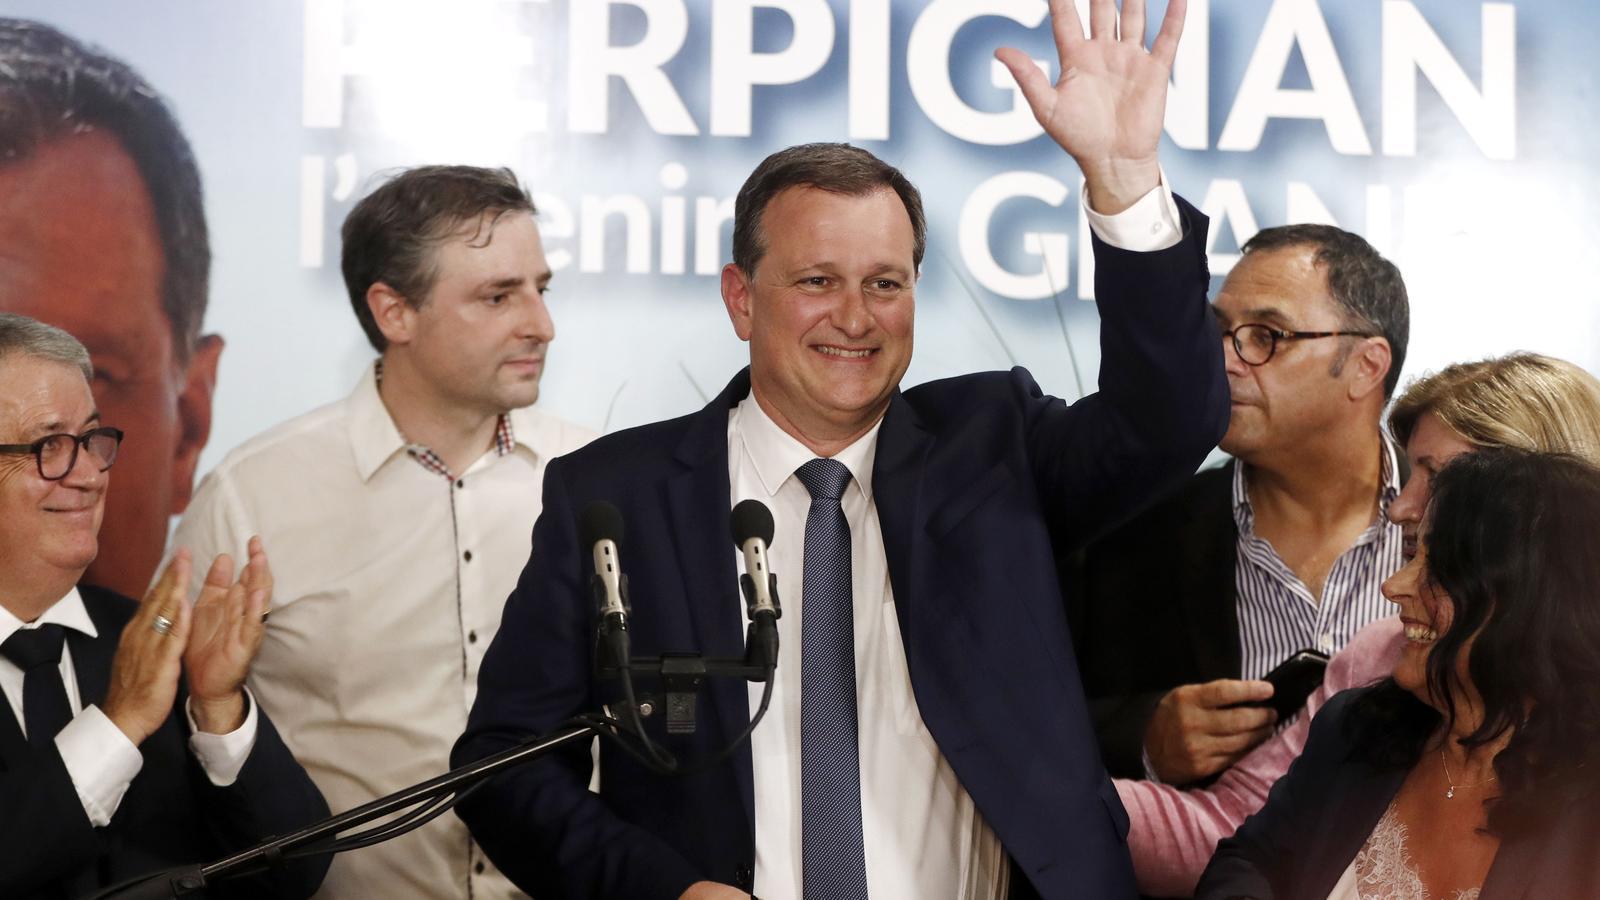 Aliot saludant els simpatitzants al confirmar-se la victòria a Perpinyà